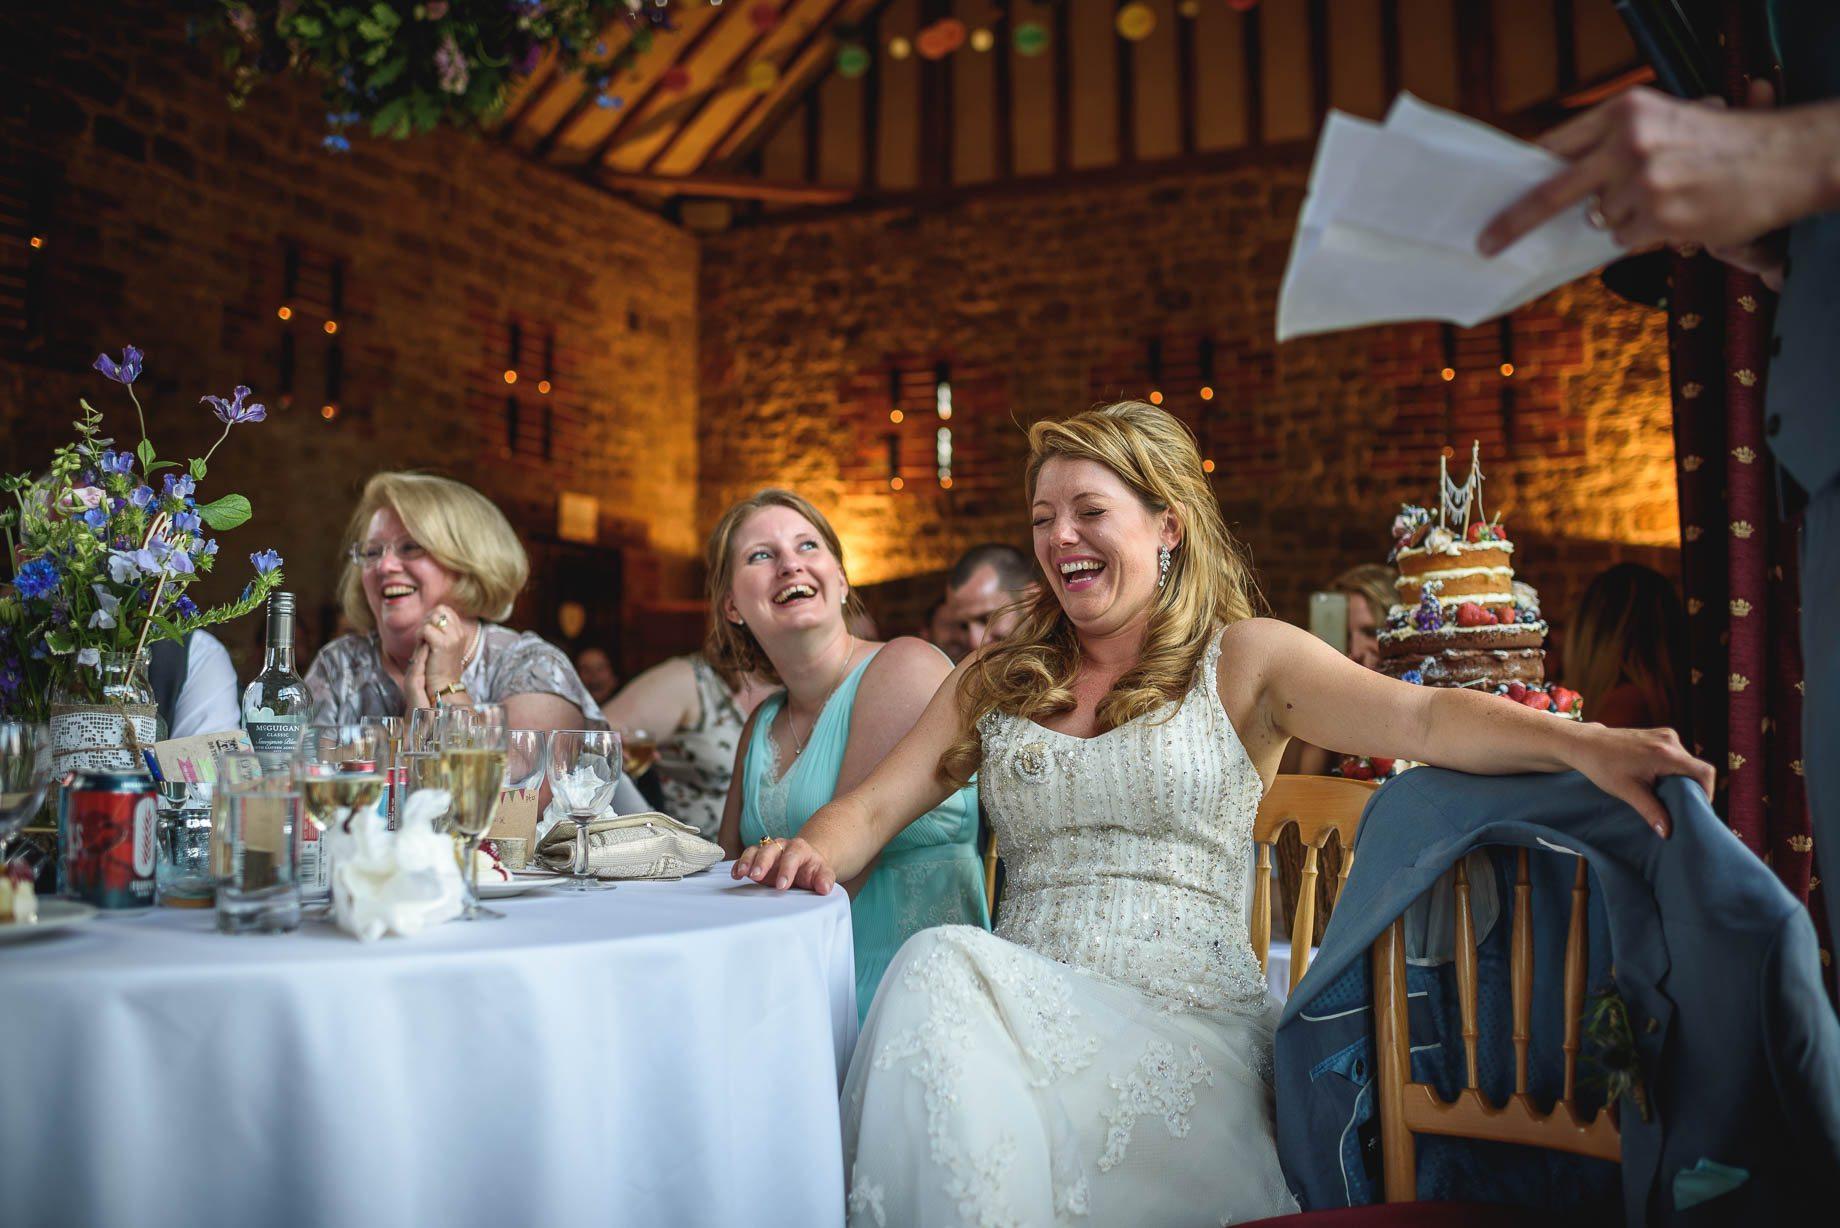 Bartholomew Barns wedding photography - Louise and Spencer (101 of 151)